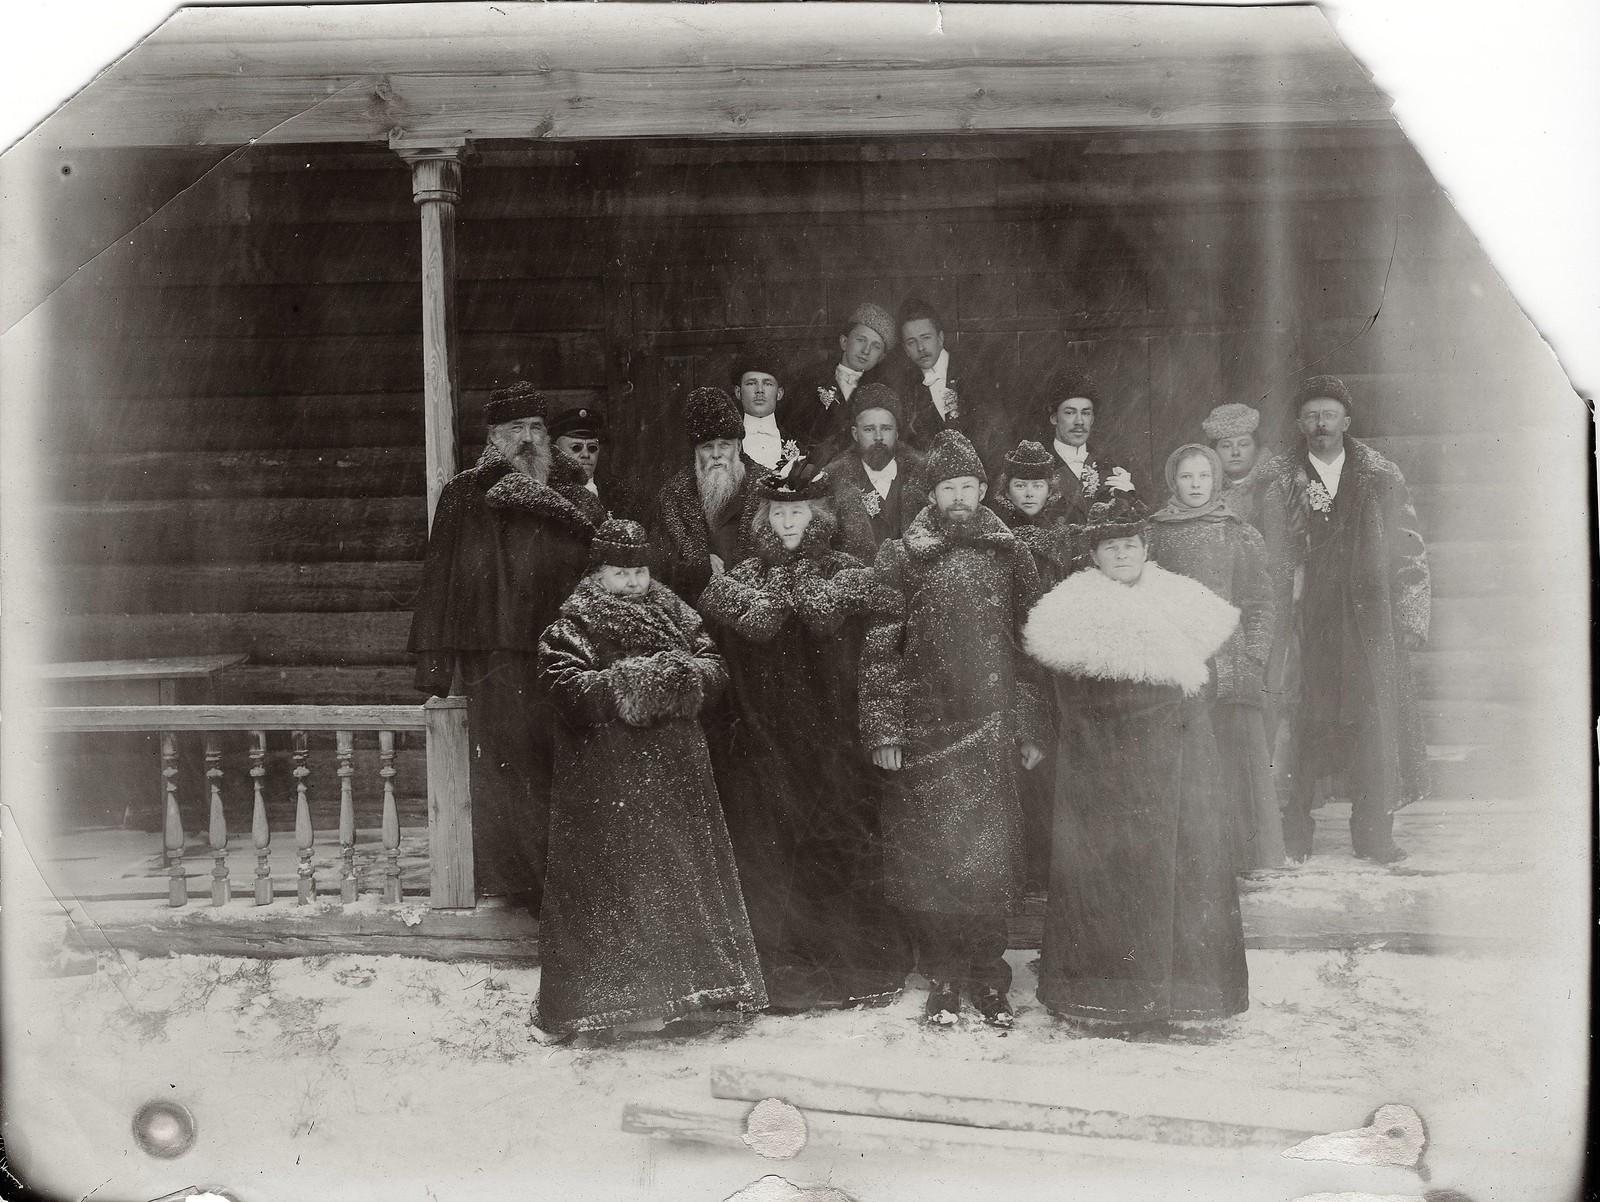 Свадьба Юдина Л.Г., сына Г.В. Юдина, красноярского купца, виноторговца, золотопромышленника. 1900